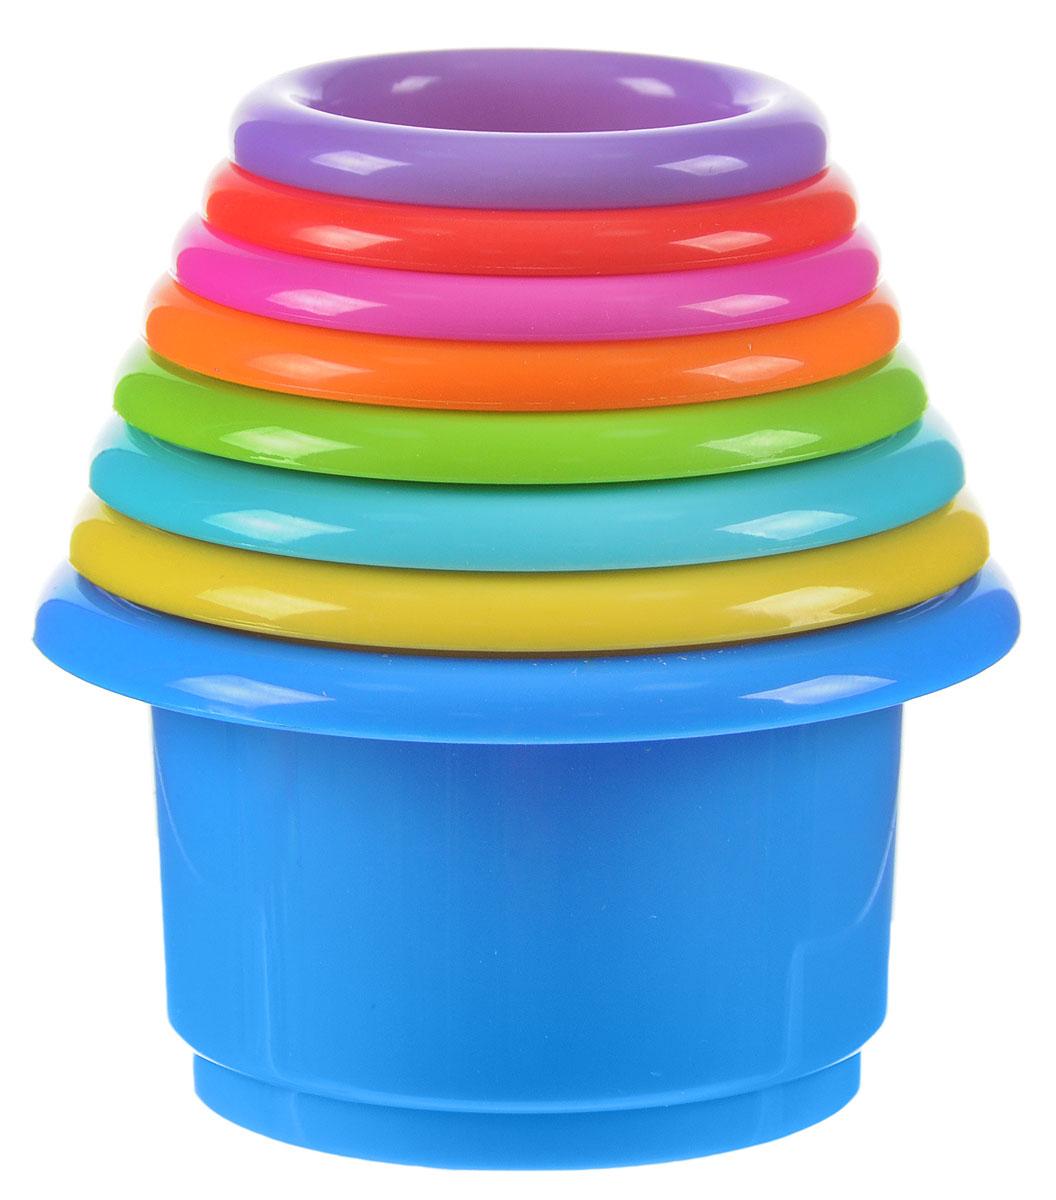 B kids Набор игрушек для песочницы Формочки 8 шт063146BНабор игрушек для песочницы B kids Формочки - незаменимый аксессуар для игры в песочнице. В комплект входят 7 пластиковых стаканчиков, с помощью которых можно построить куличики разного размера из песка. Помимо разного диаметра, формочки различаются цветом, а также рельефным рисунком: на дне каждой из них есть изображение определенного животного. Подходят такие стаканчики и для игр в ванной: в их донышках есть маленькие дырочки, через которые может выливаться вода. А еще из них можно строить пирамидку: для этого формочки устанавливаются одна на другую вверх дном. Предназначено для детей старше 9 месяцев.